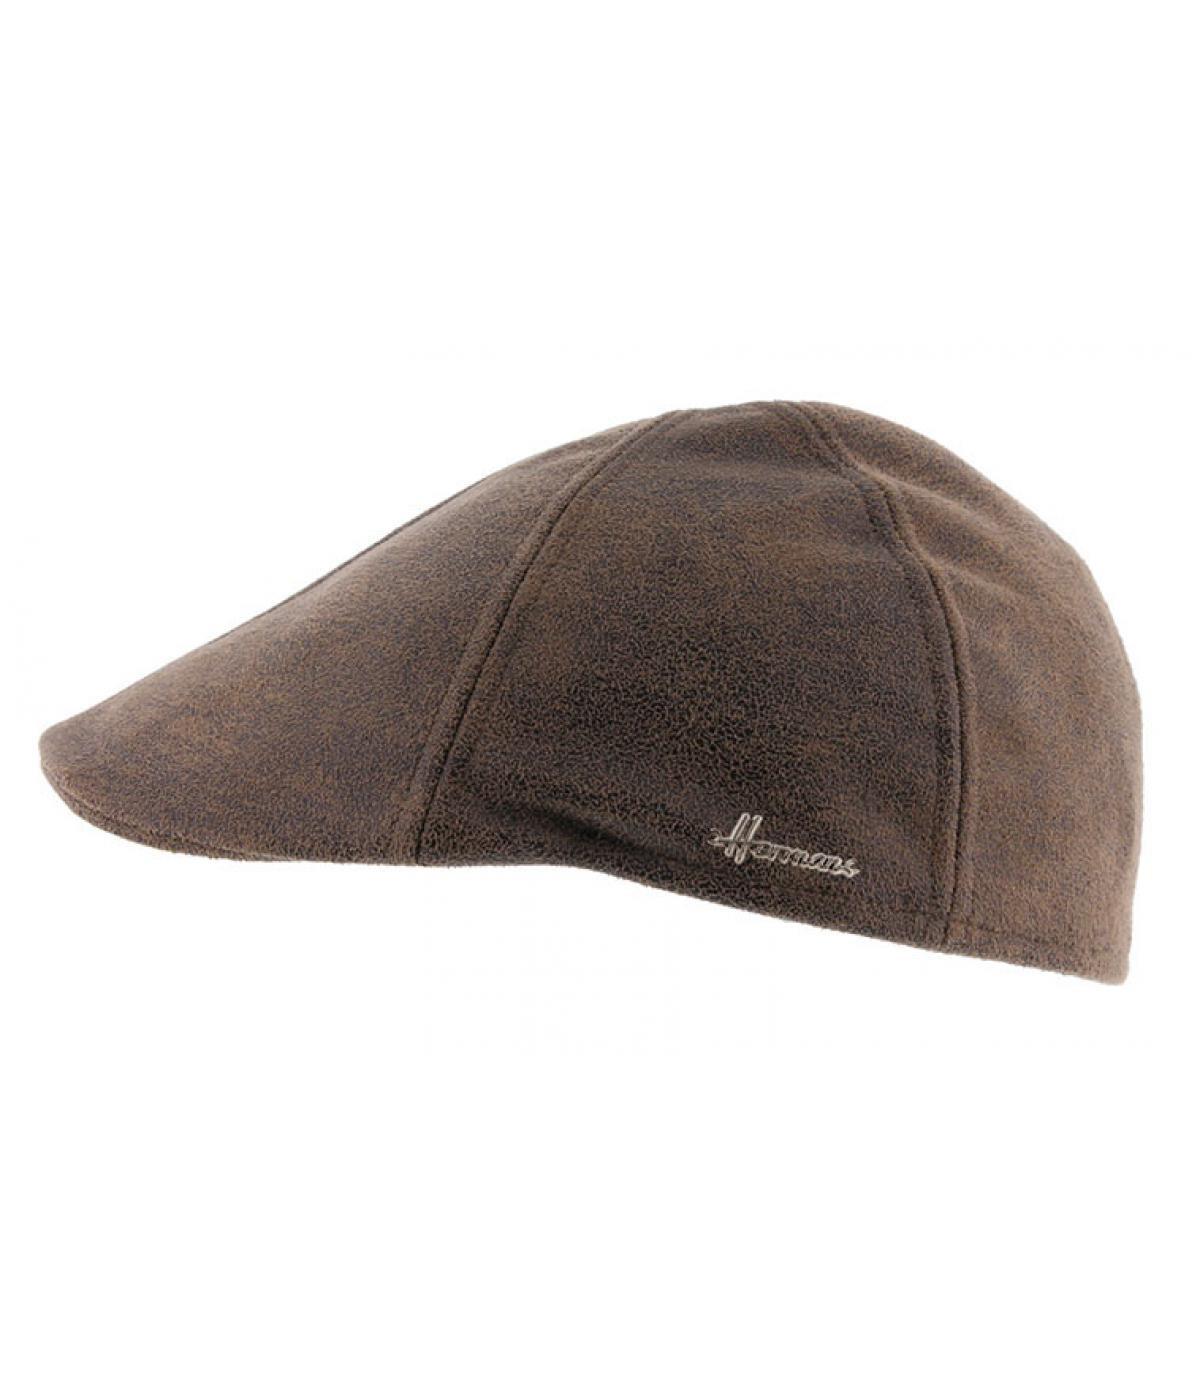 Details Usurper brown - afbeeling 2